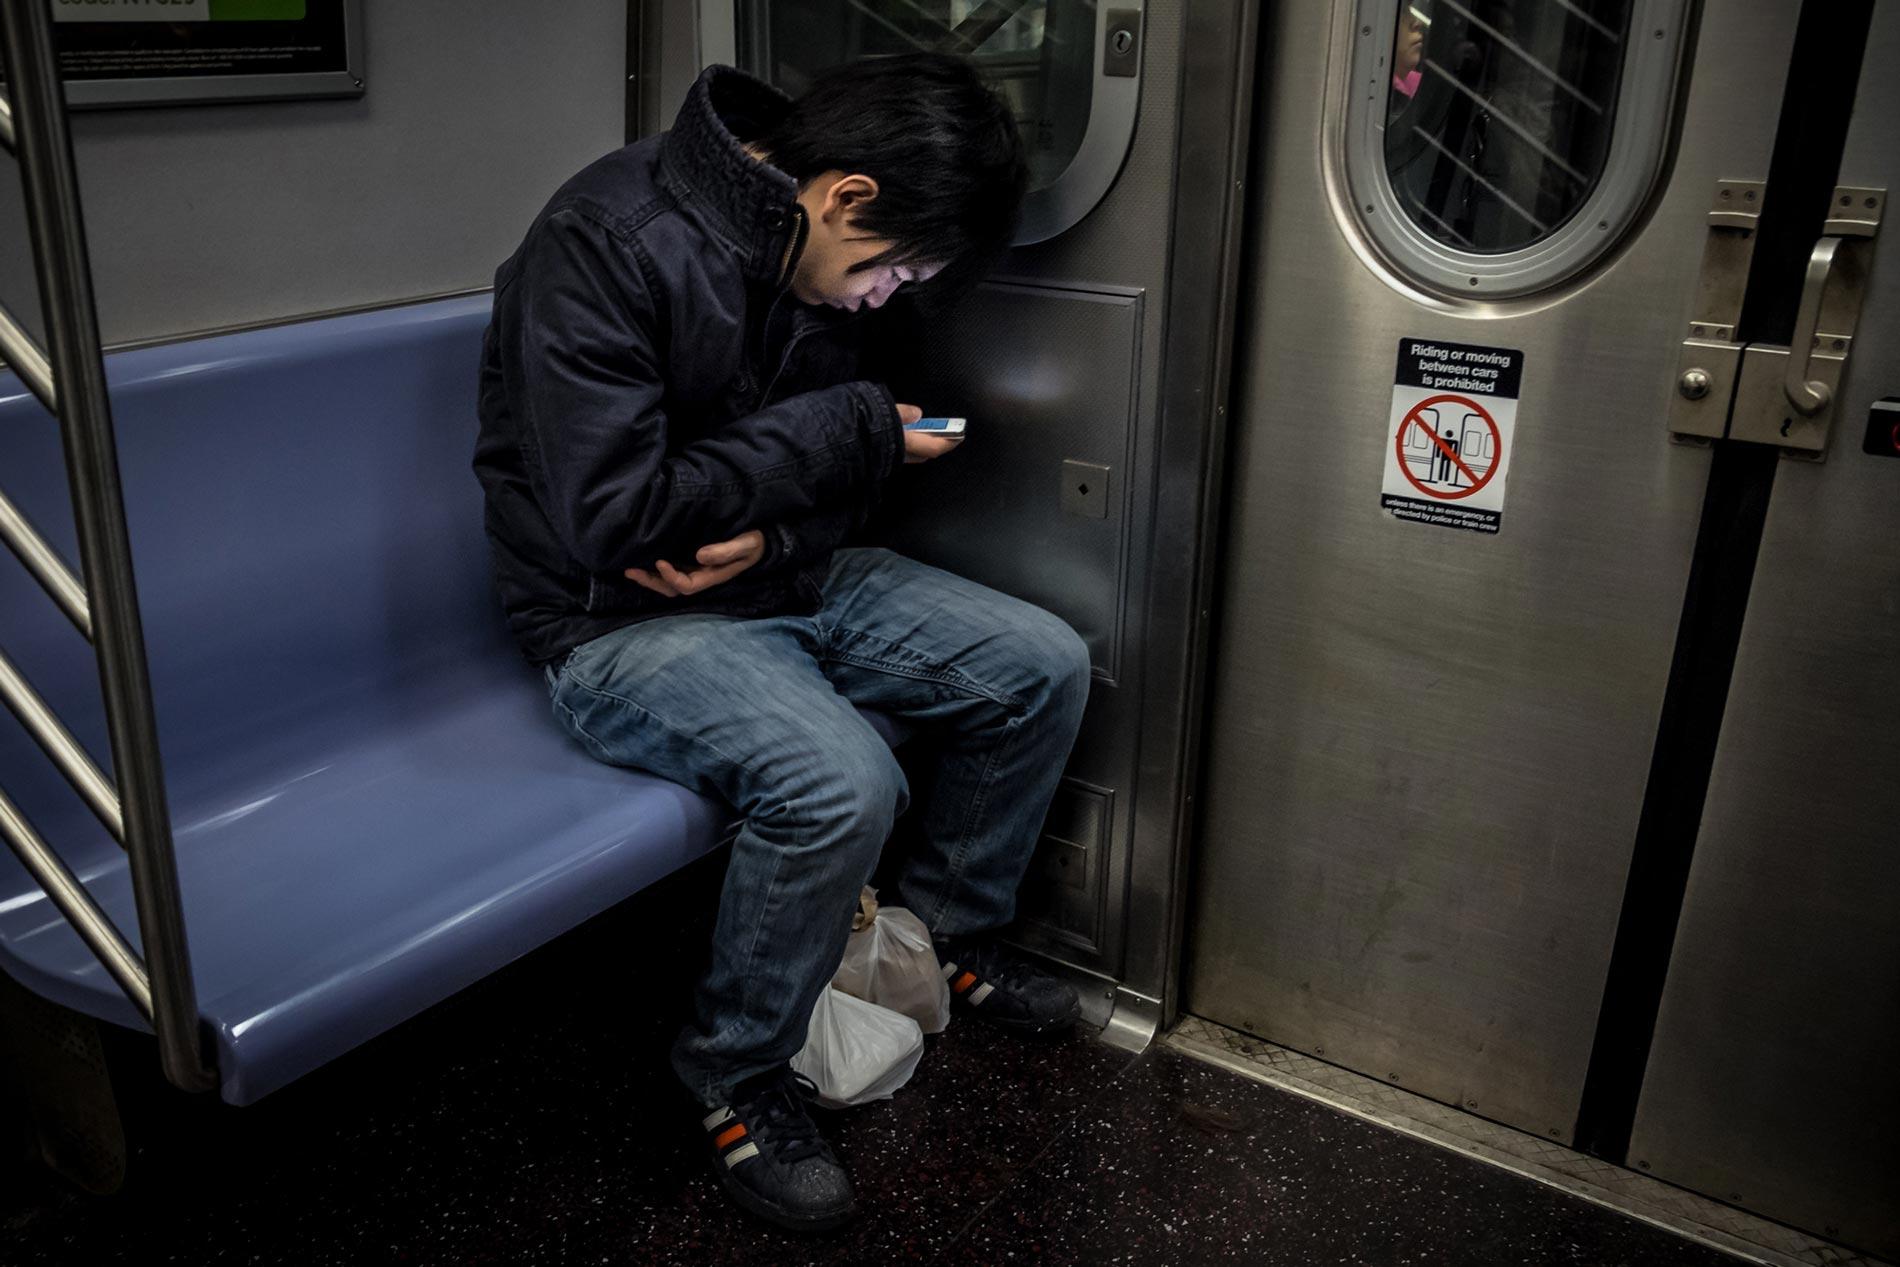 Subway texting - New York